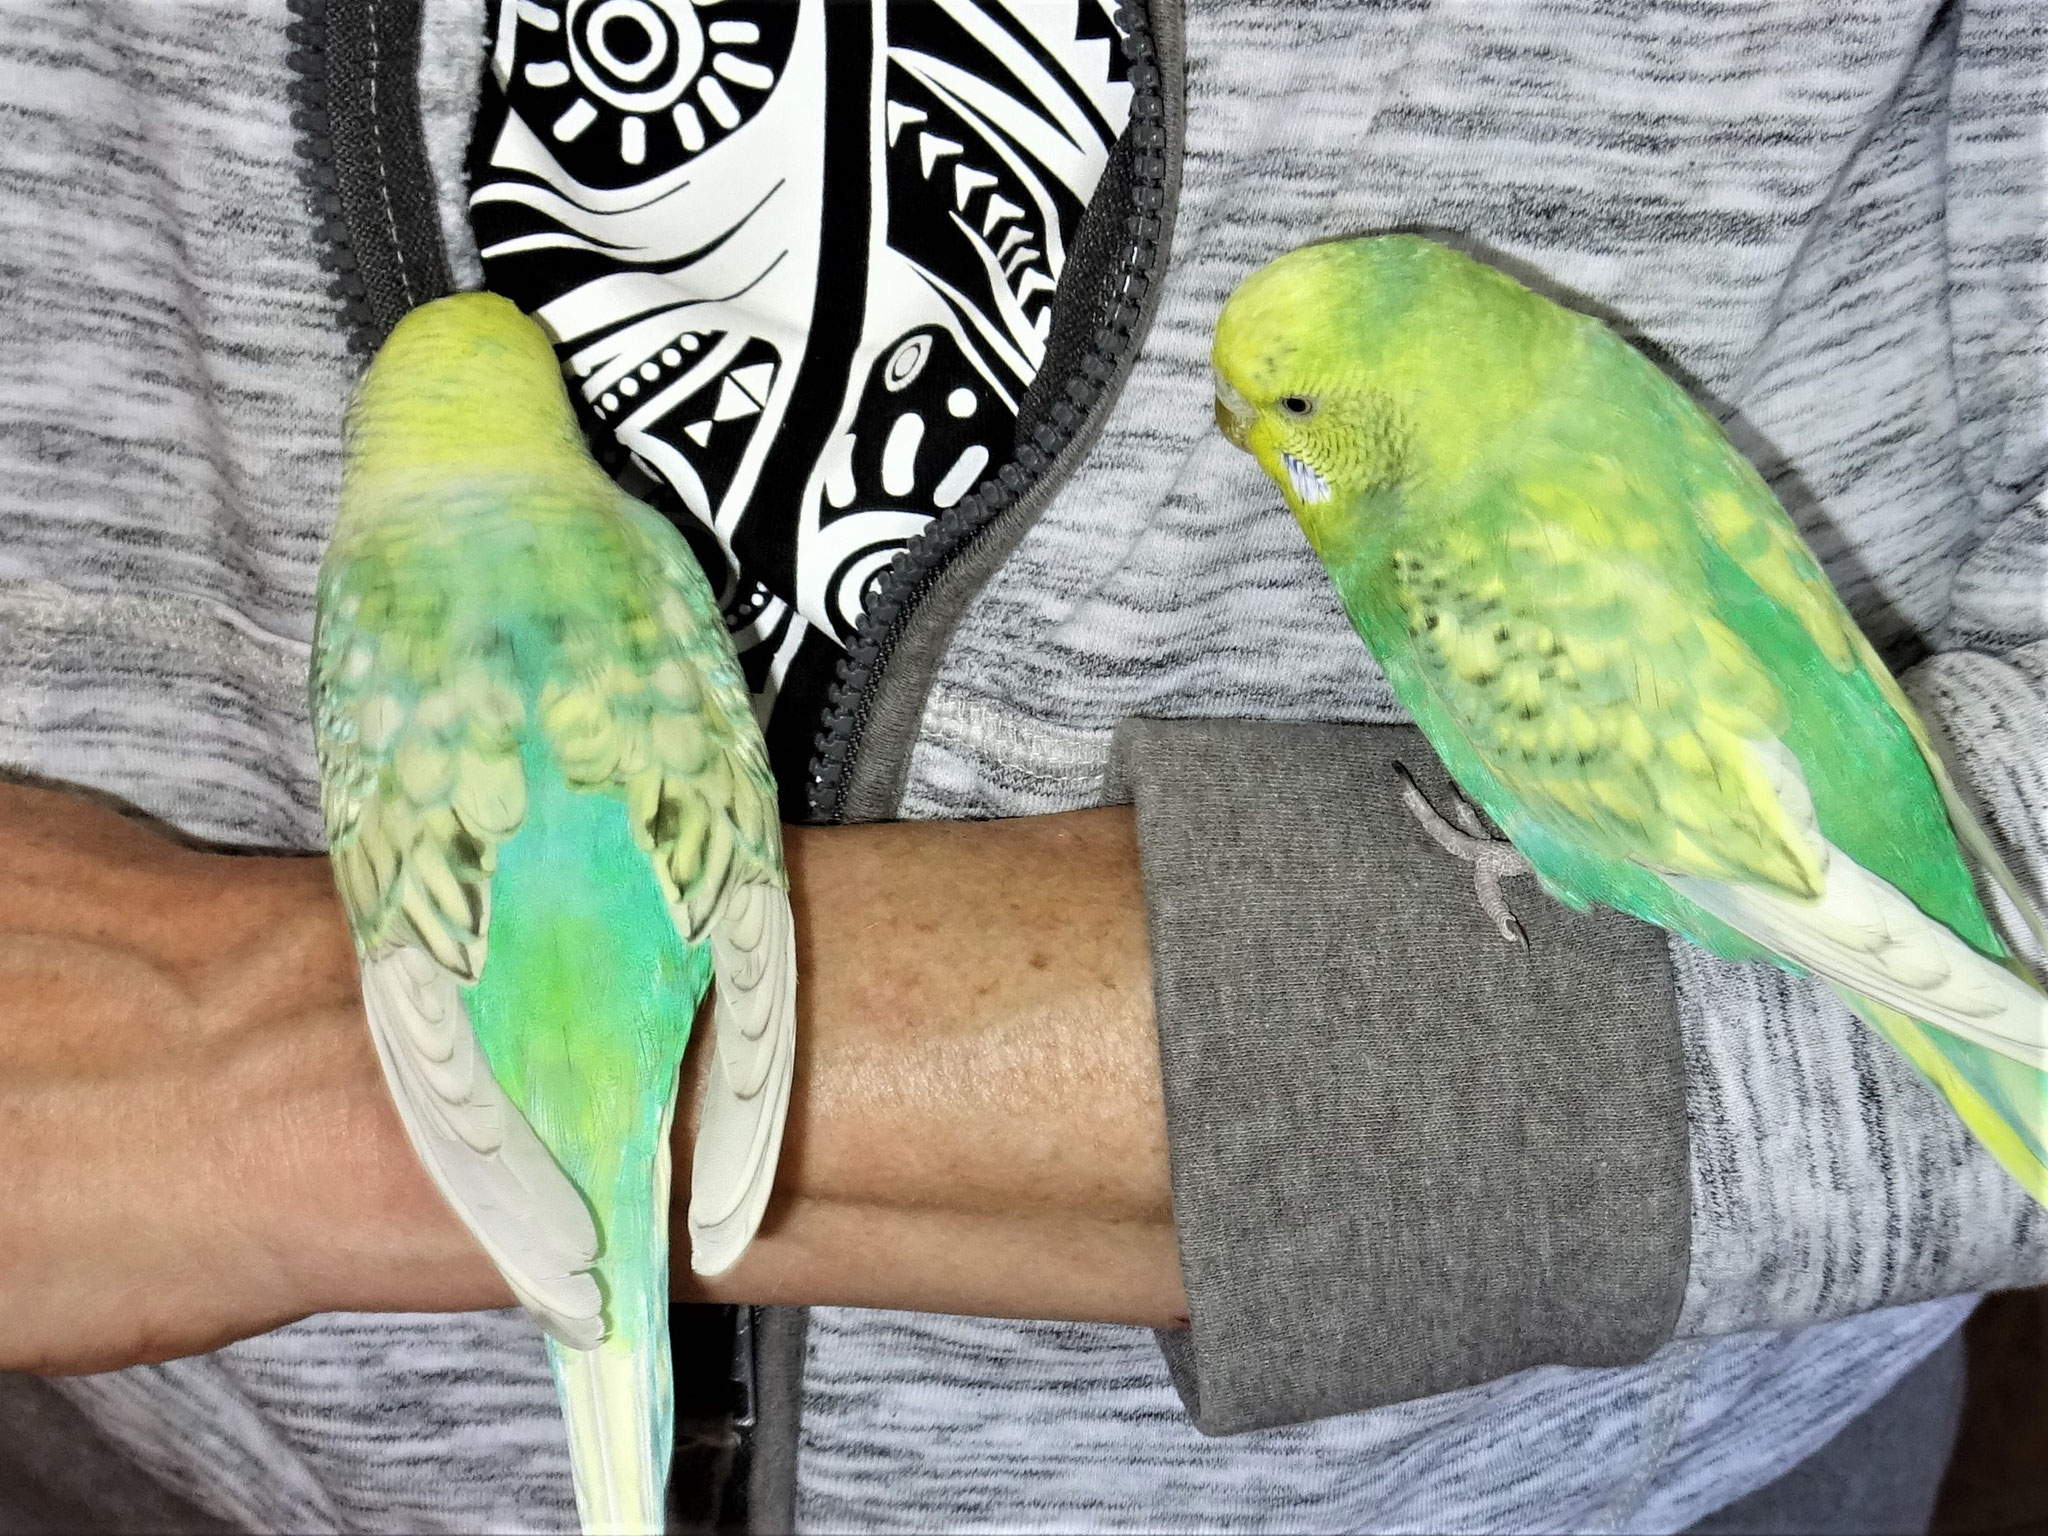 Anni und Feli